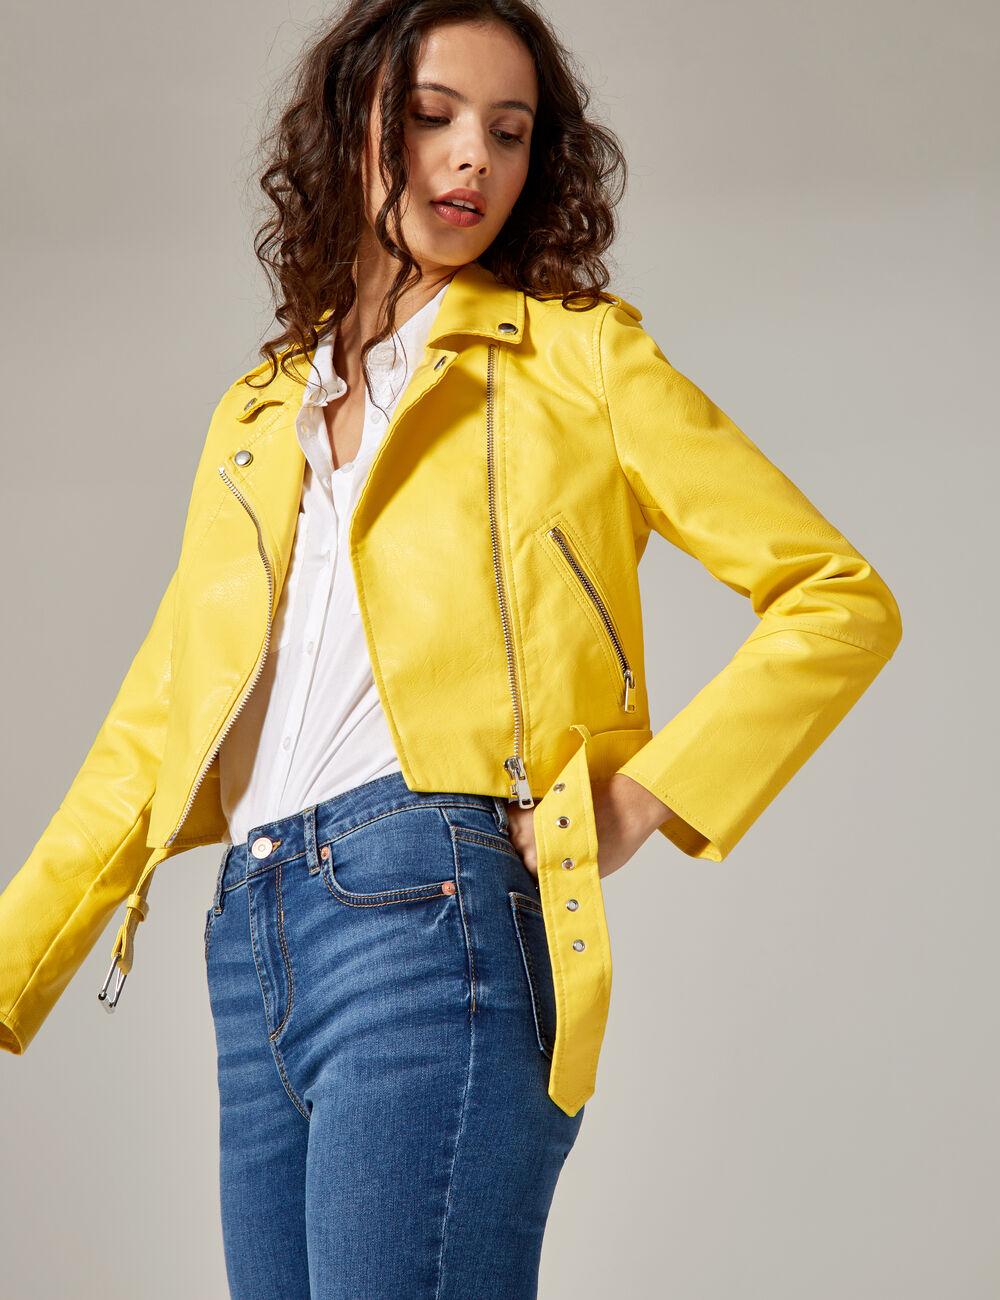 Veste jaune clair